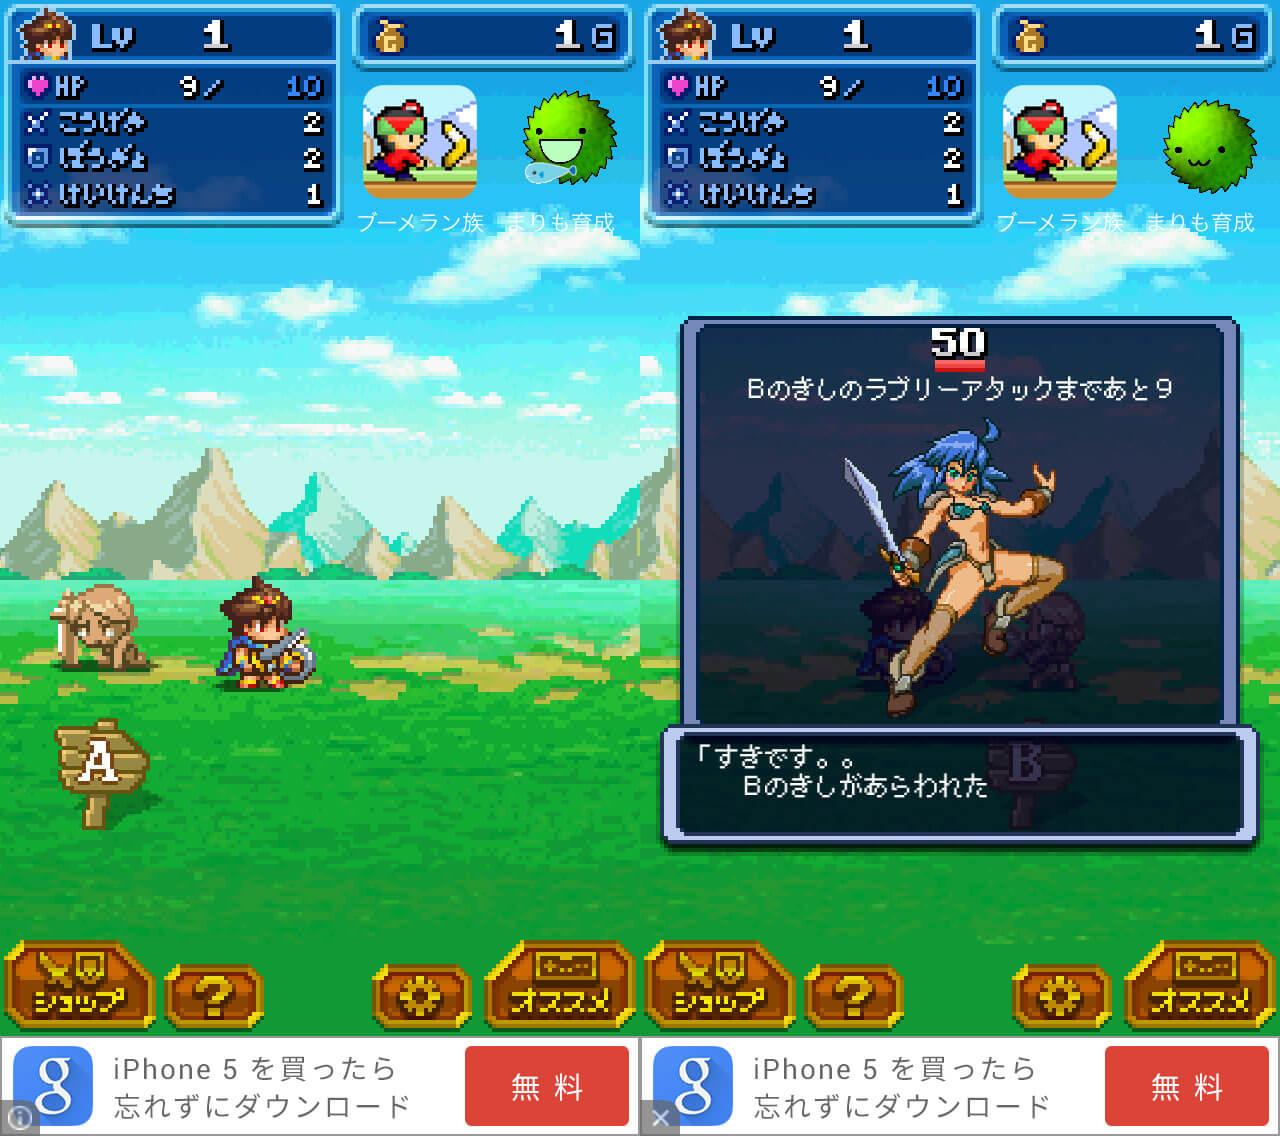 モテモテRPG オレサマvsメロメロ騎士団 androidアプリスクリーンショット1